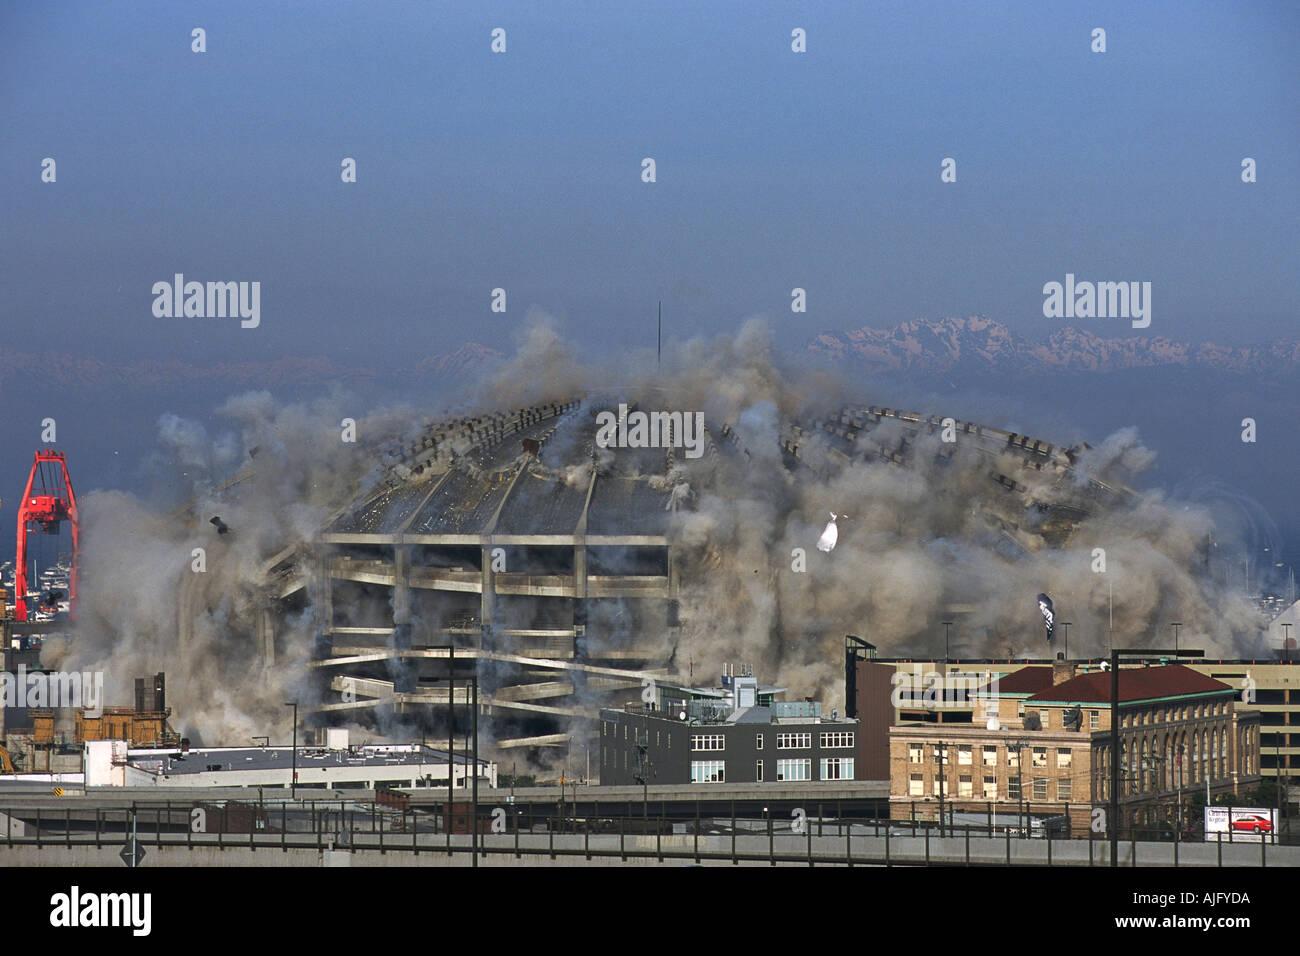 Washington Photo Kingdome Implosion View 2000 Seattle